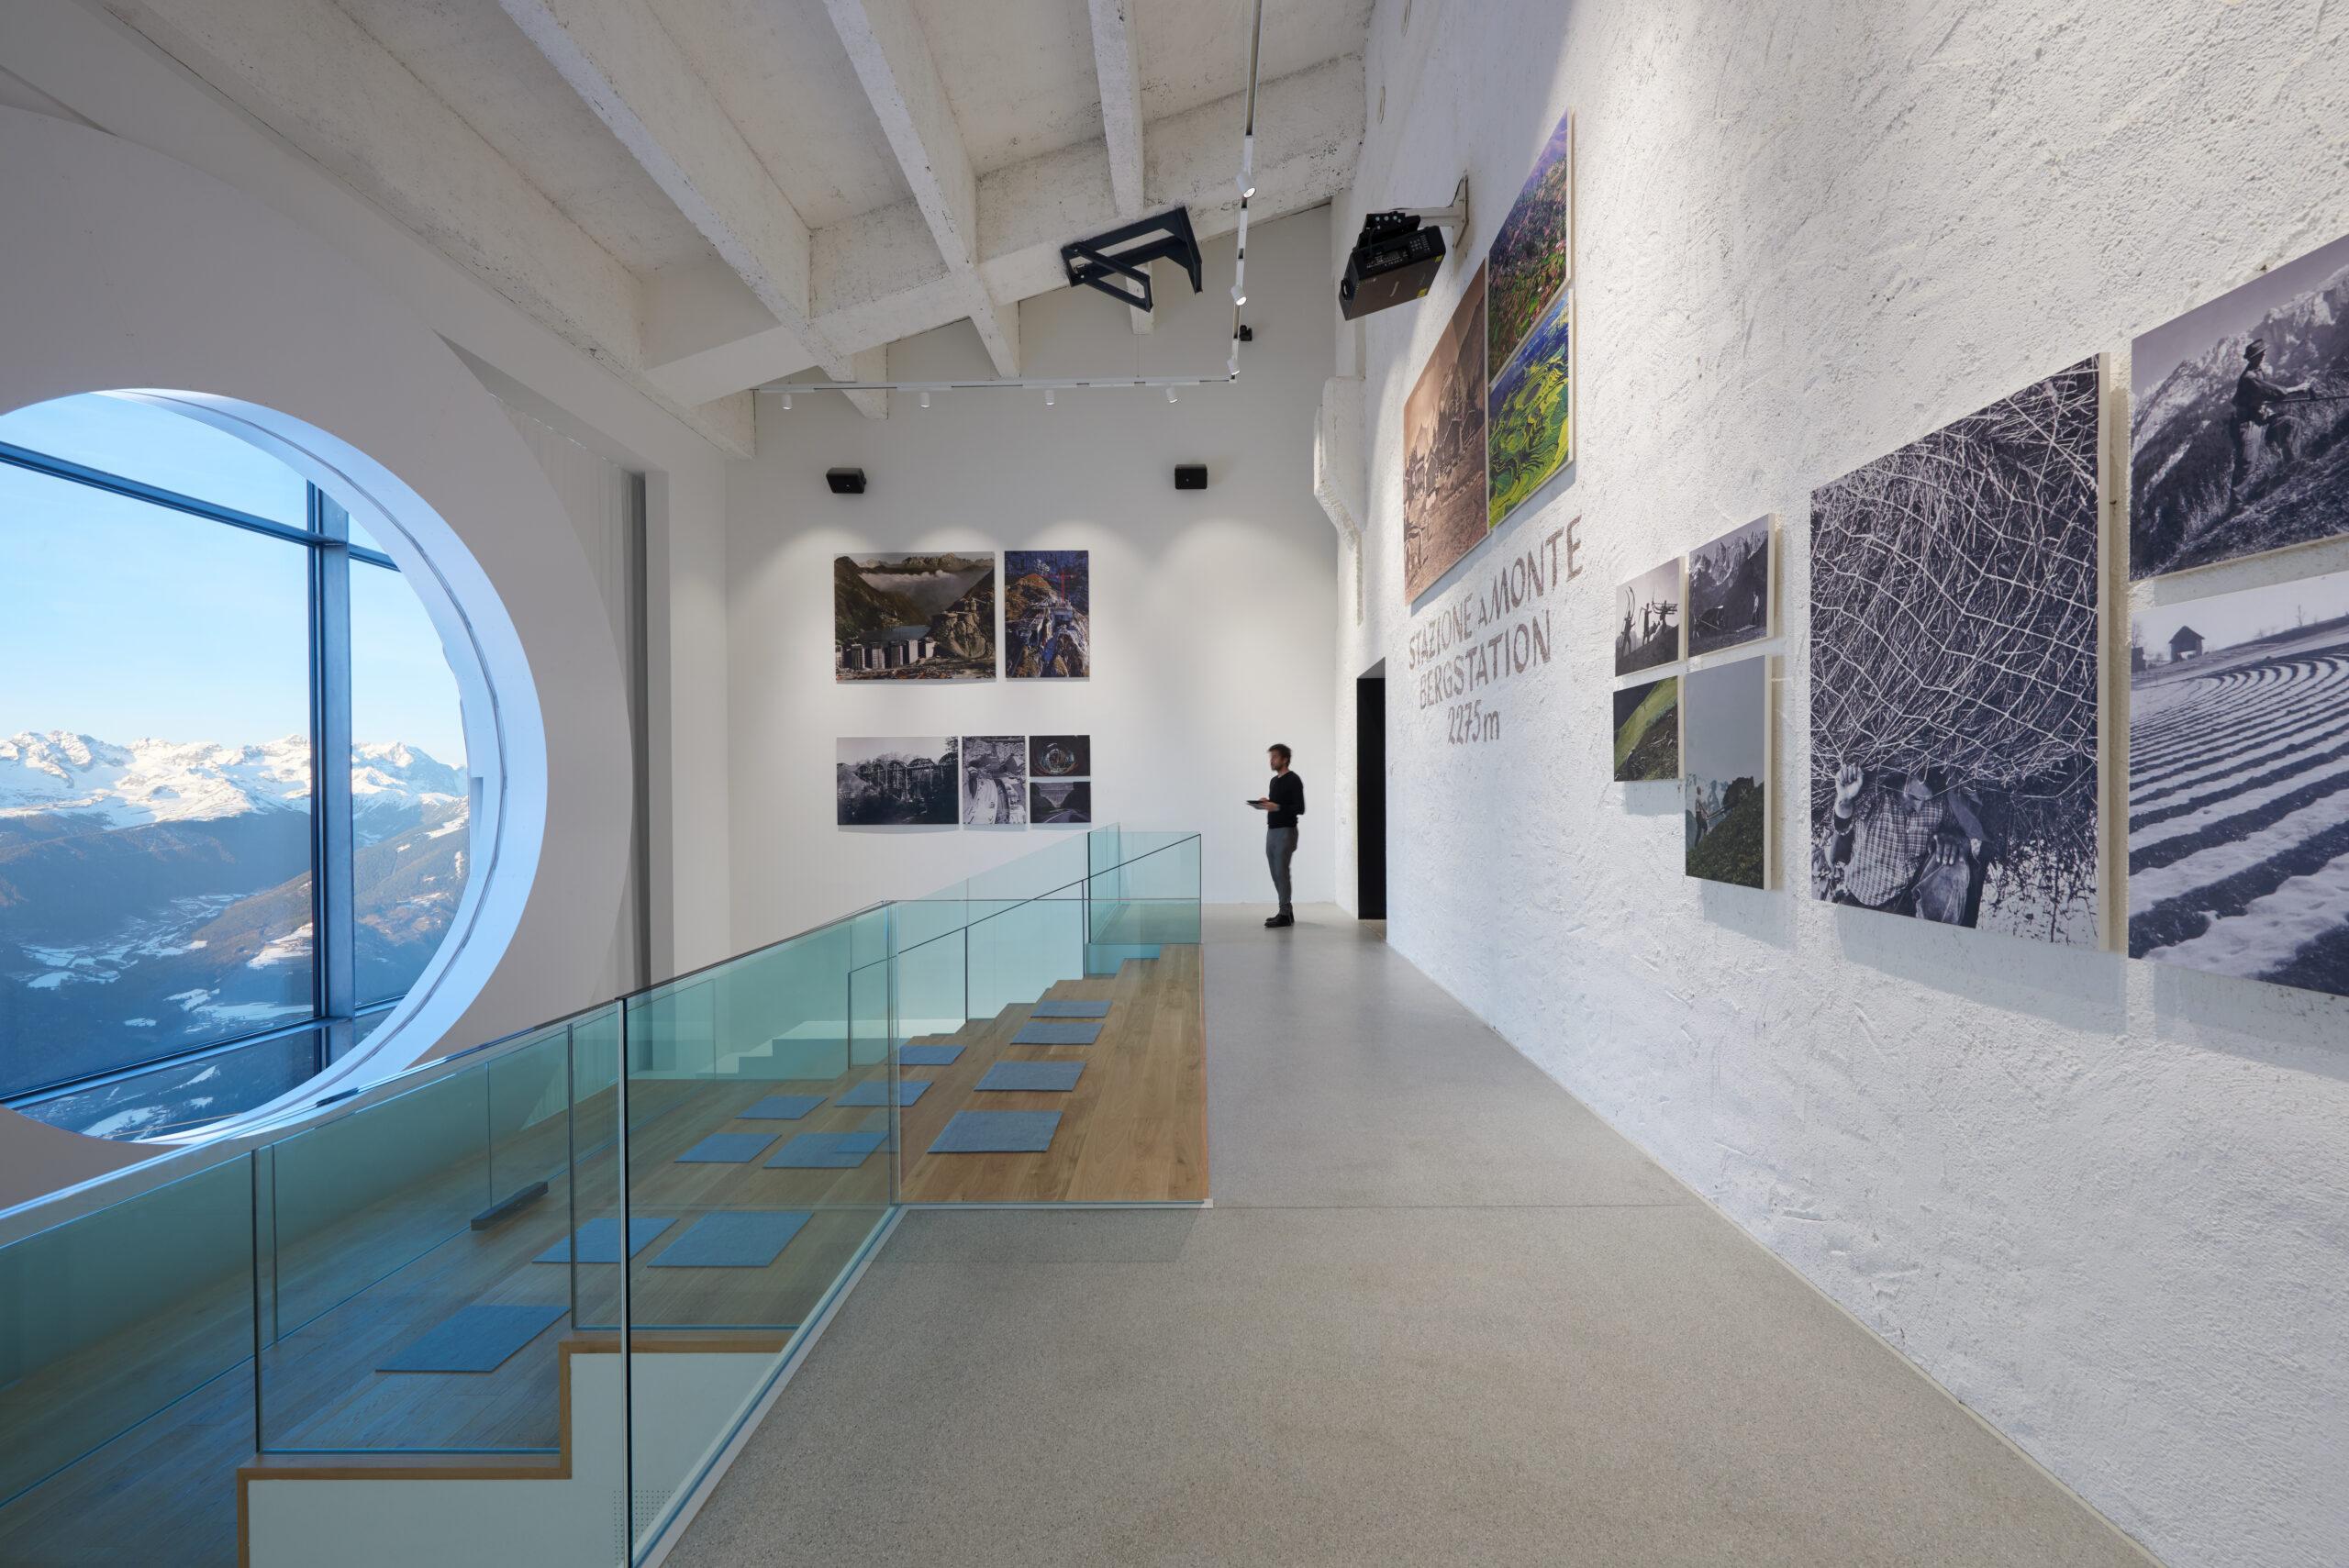 Museo lumen montagna